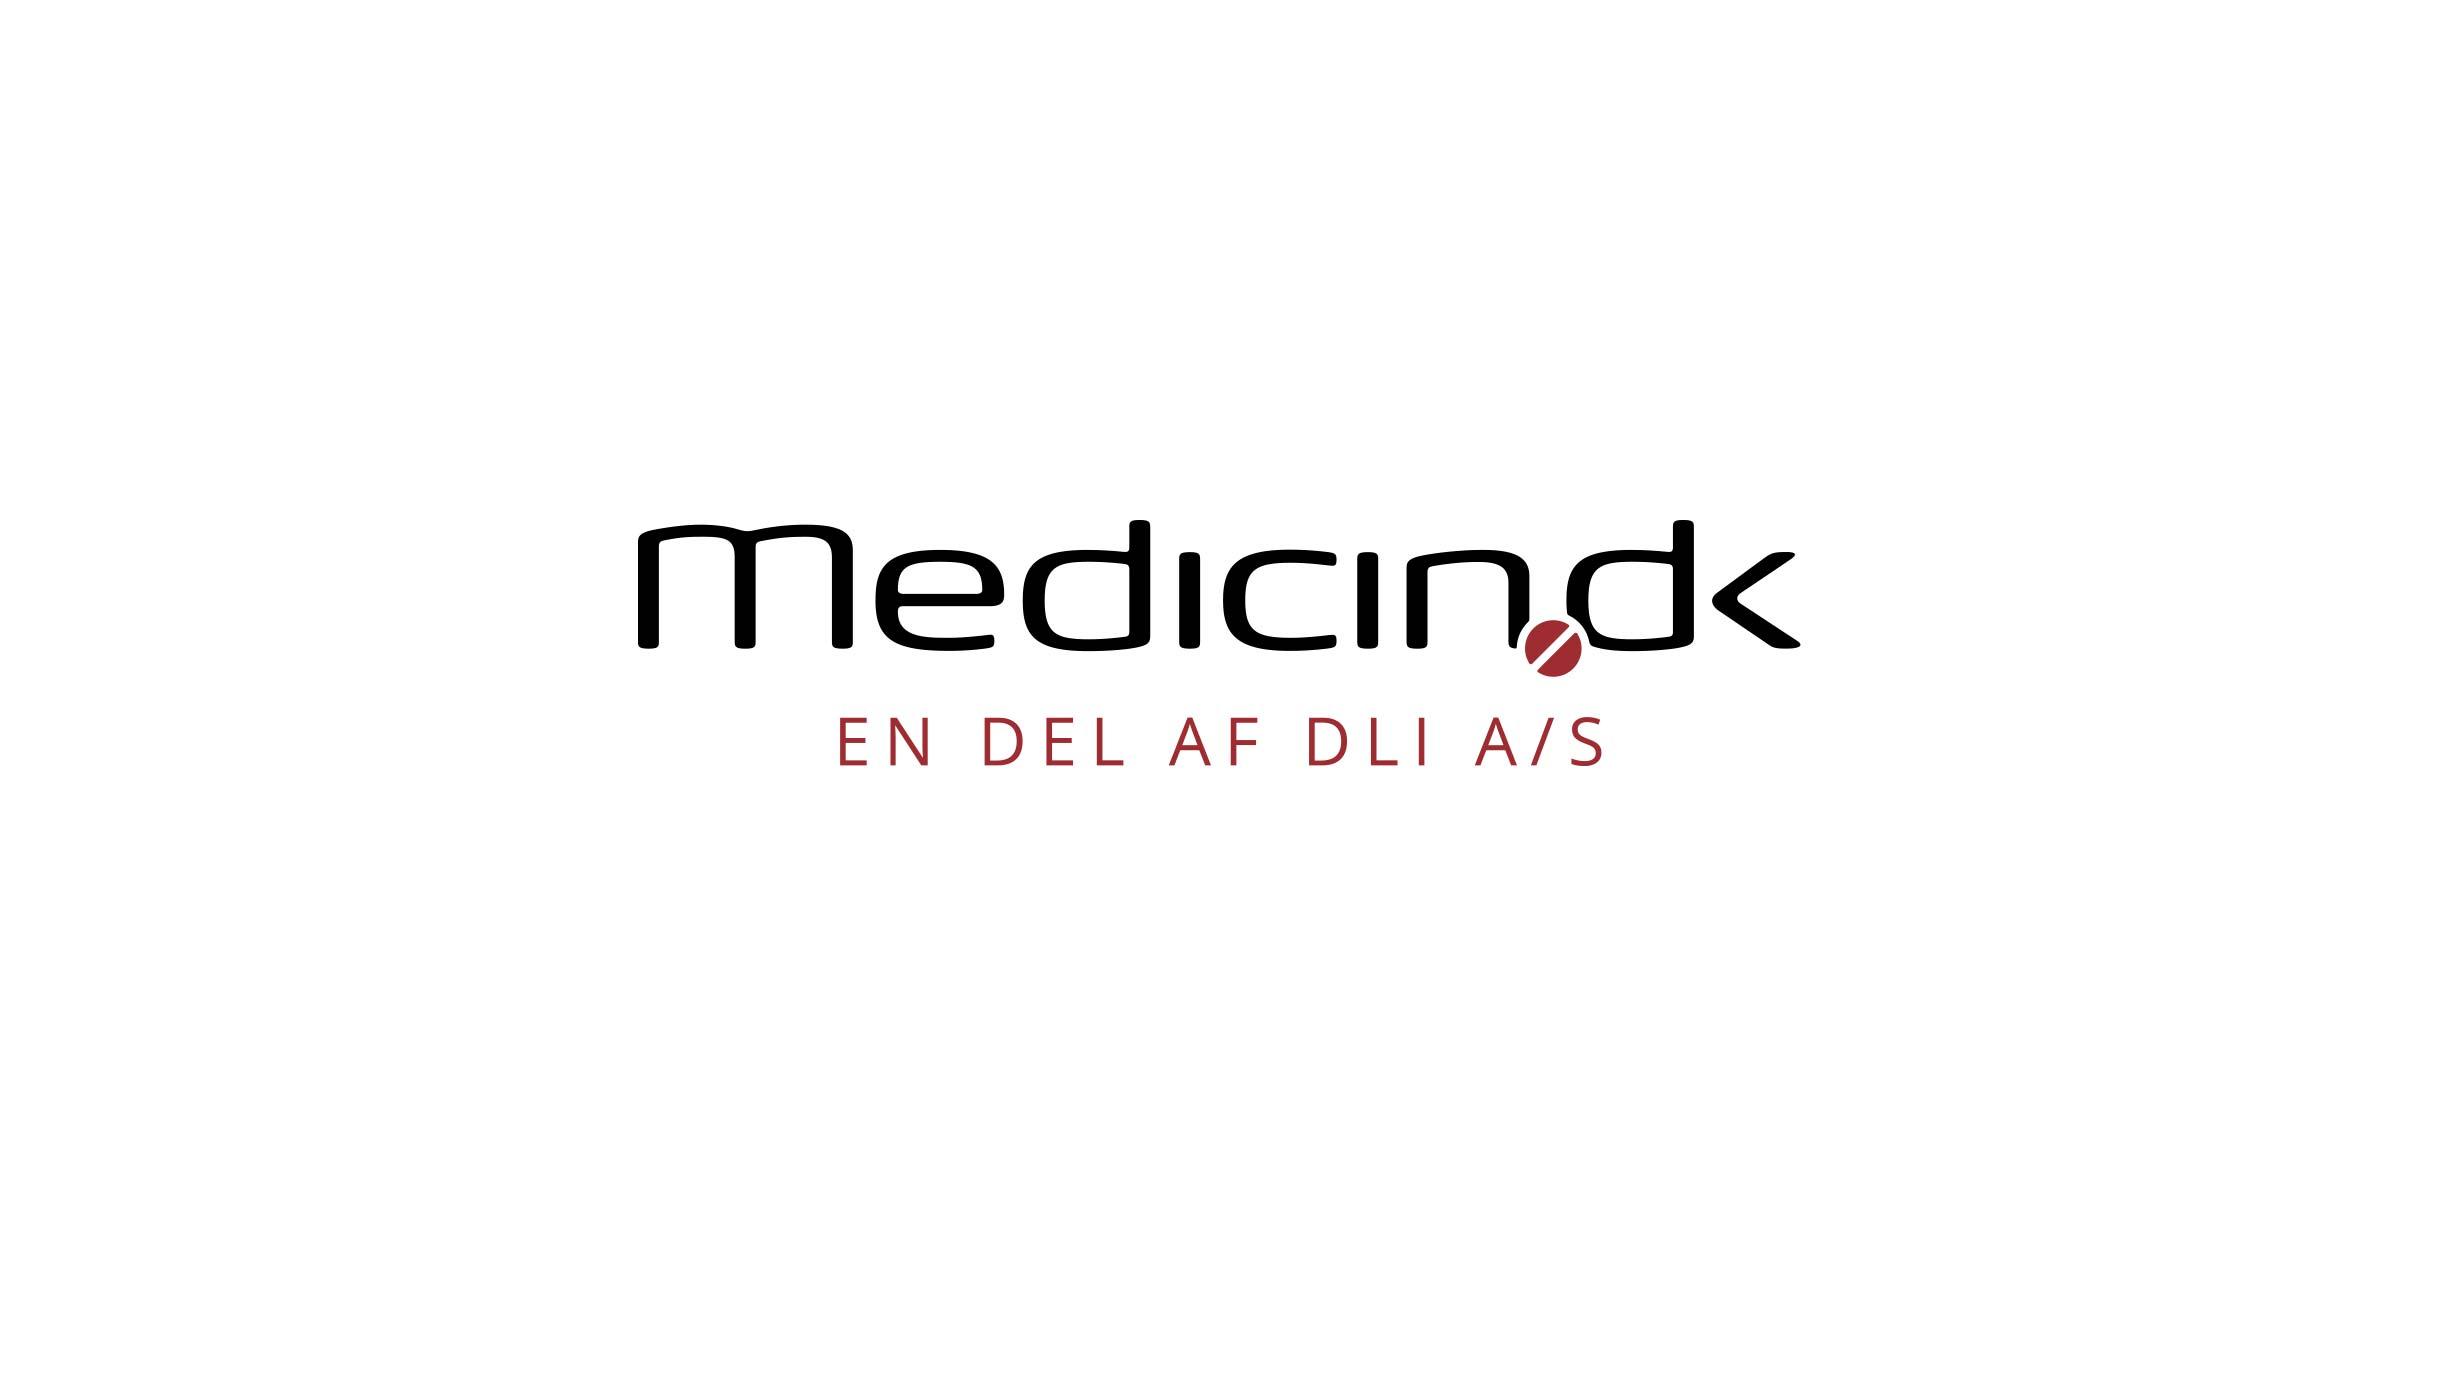 medicin.dk_ID18